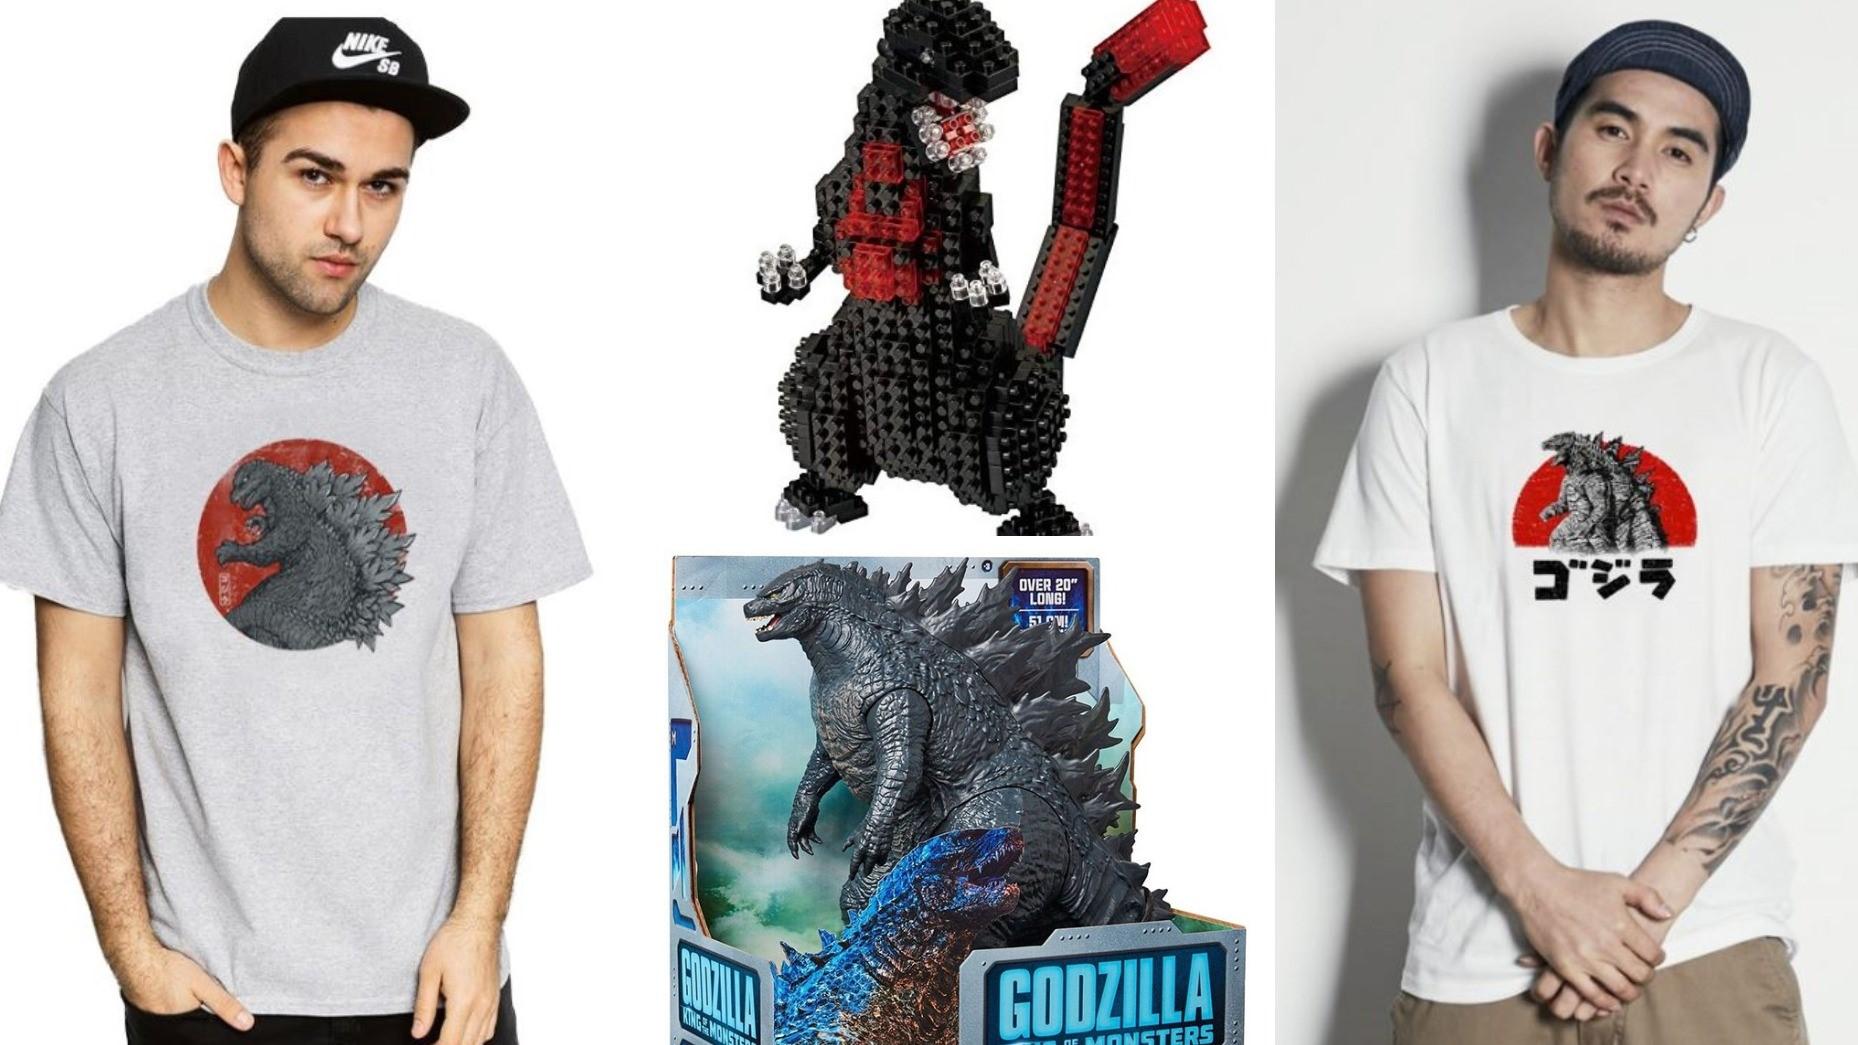 電影哥吉拉II:怪獸之王看不夠嗎?店面限定商品一次收集